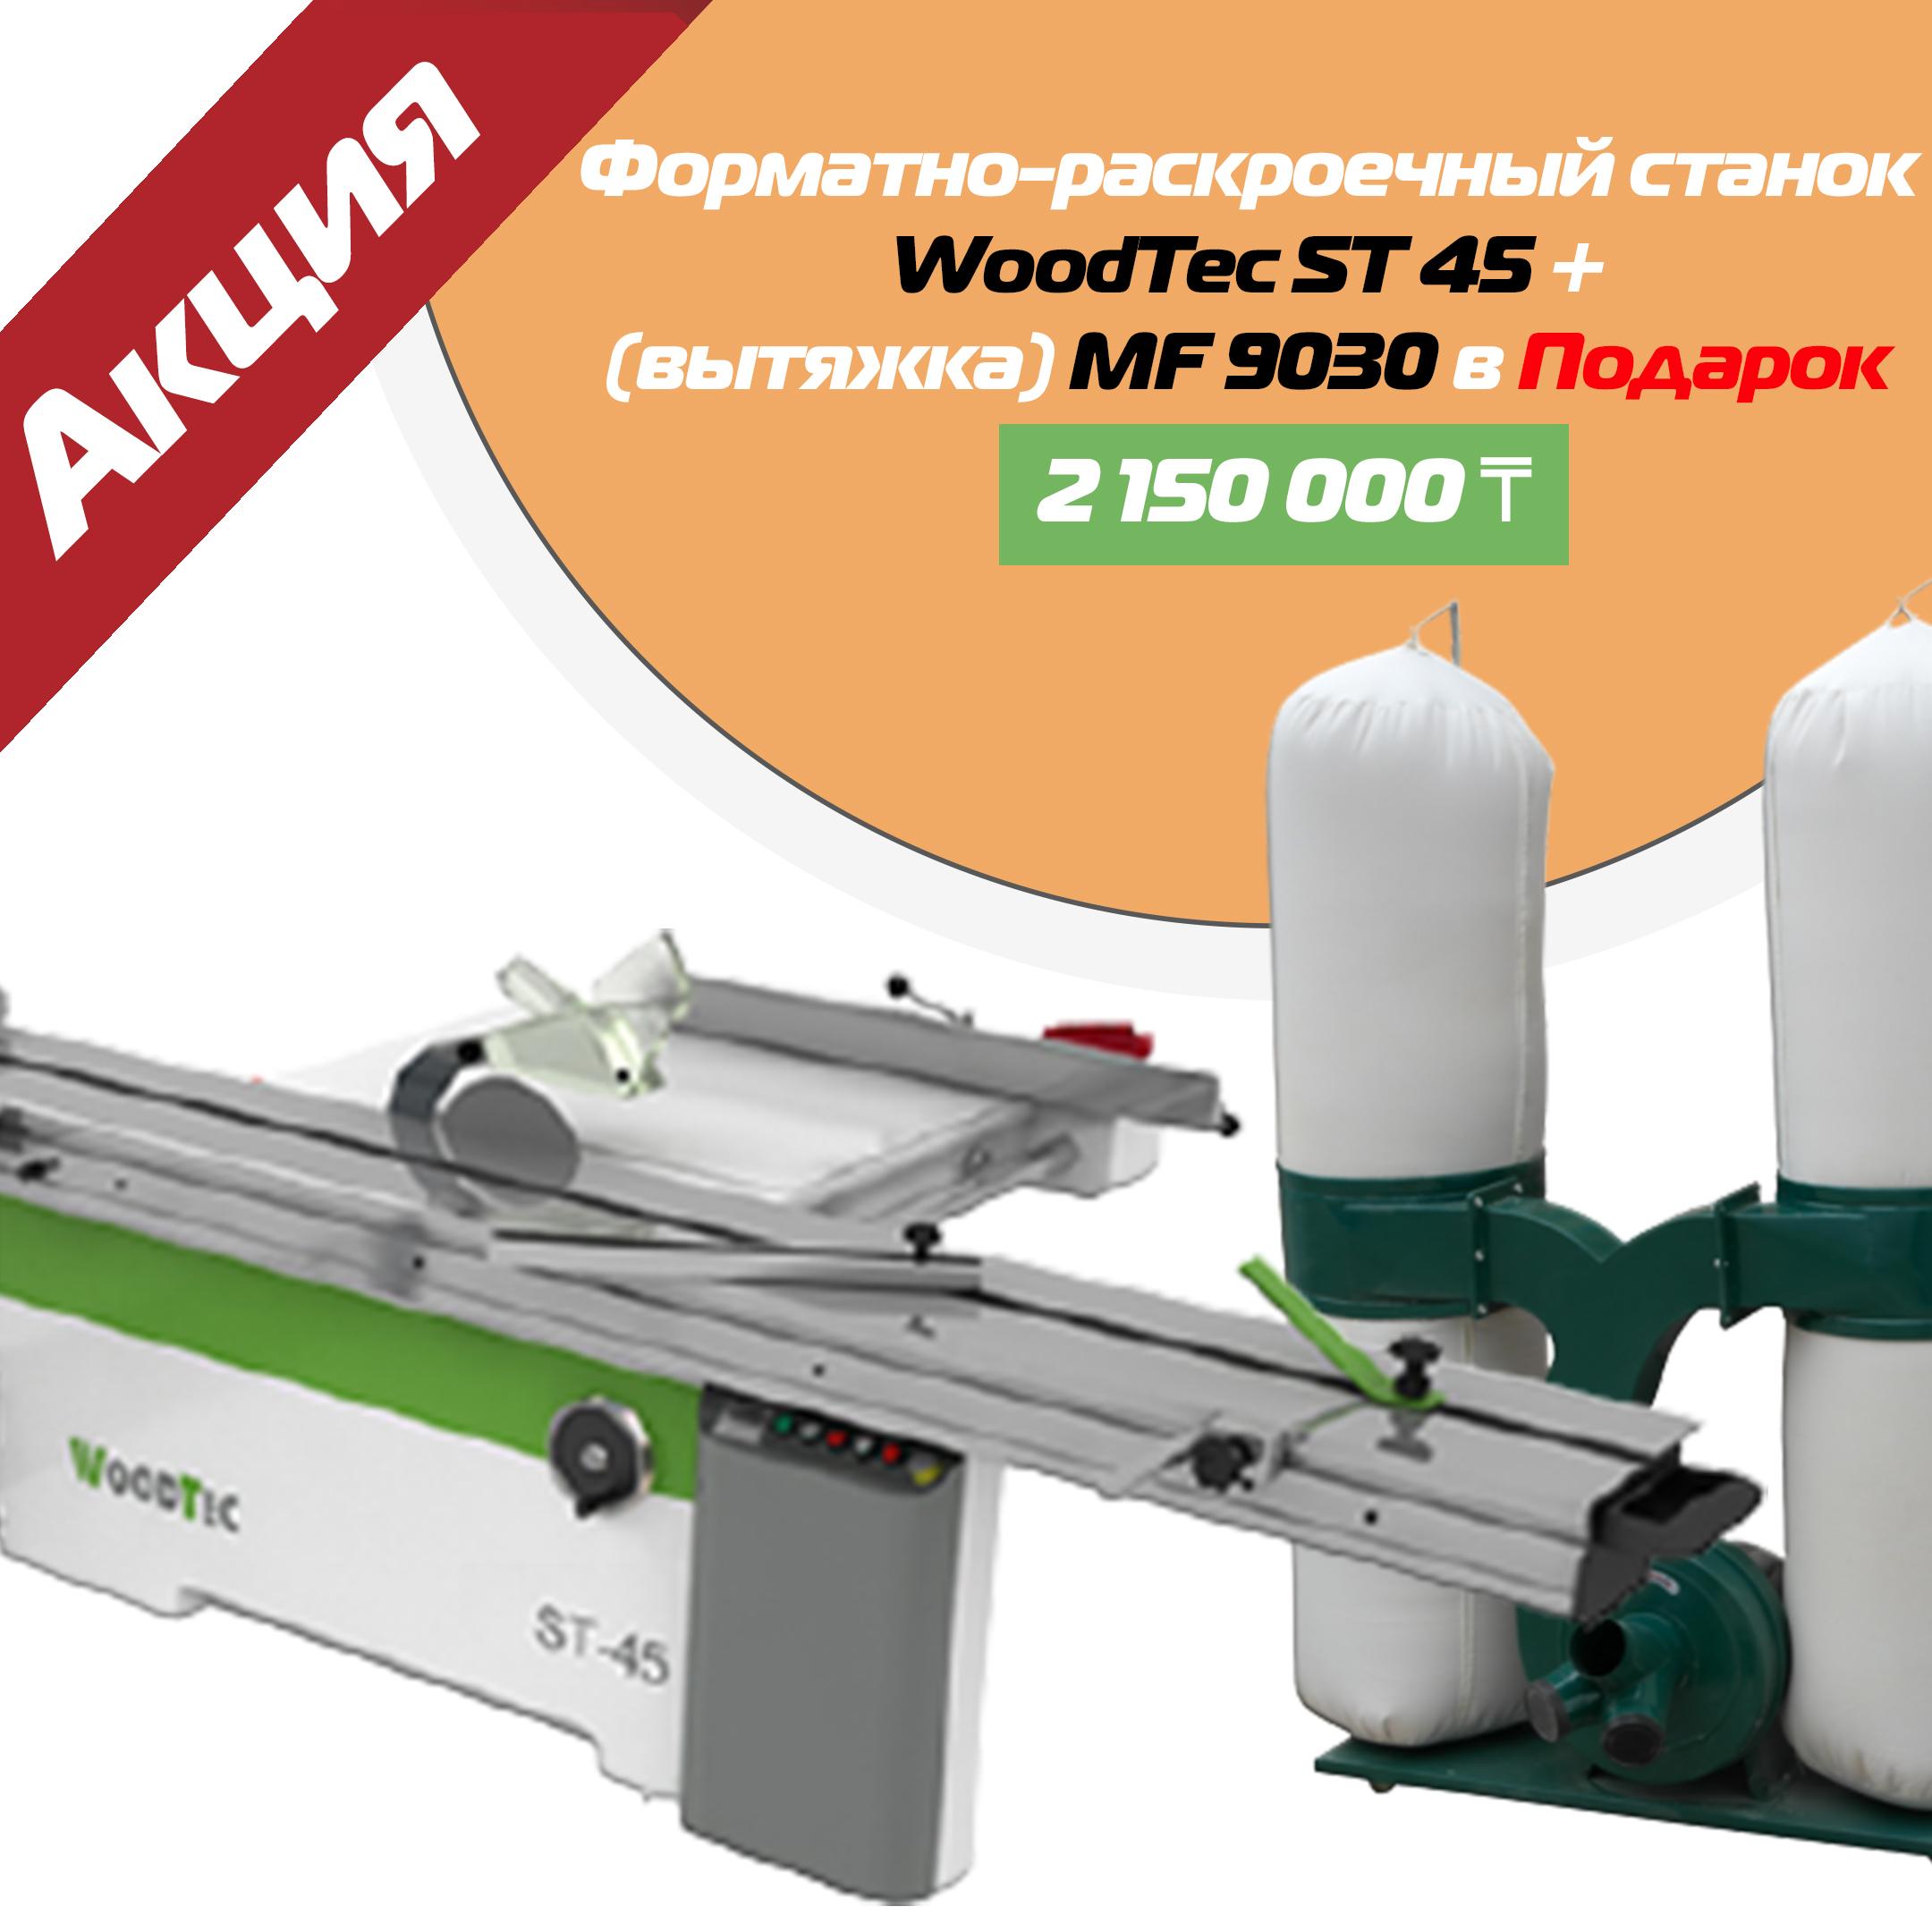 Форматно-раскроечный станок WoodTec ST 45 + (вытяжка) MF 9030 в Подарок